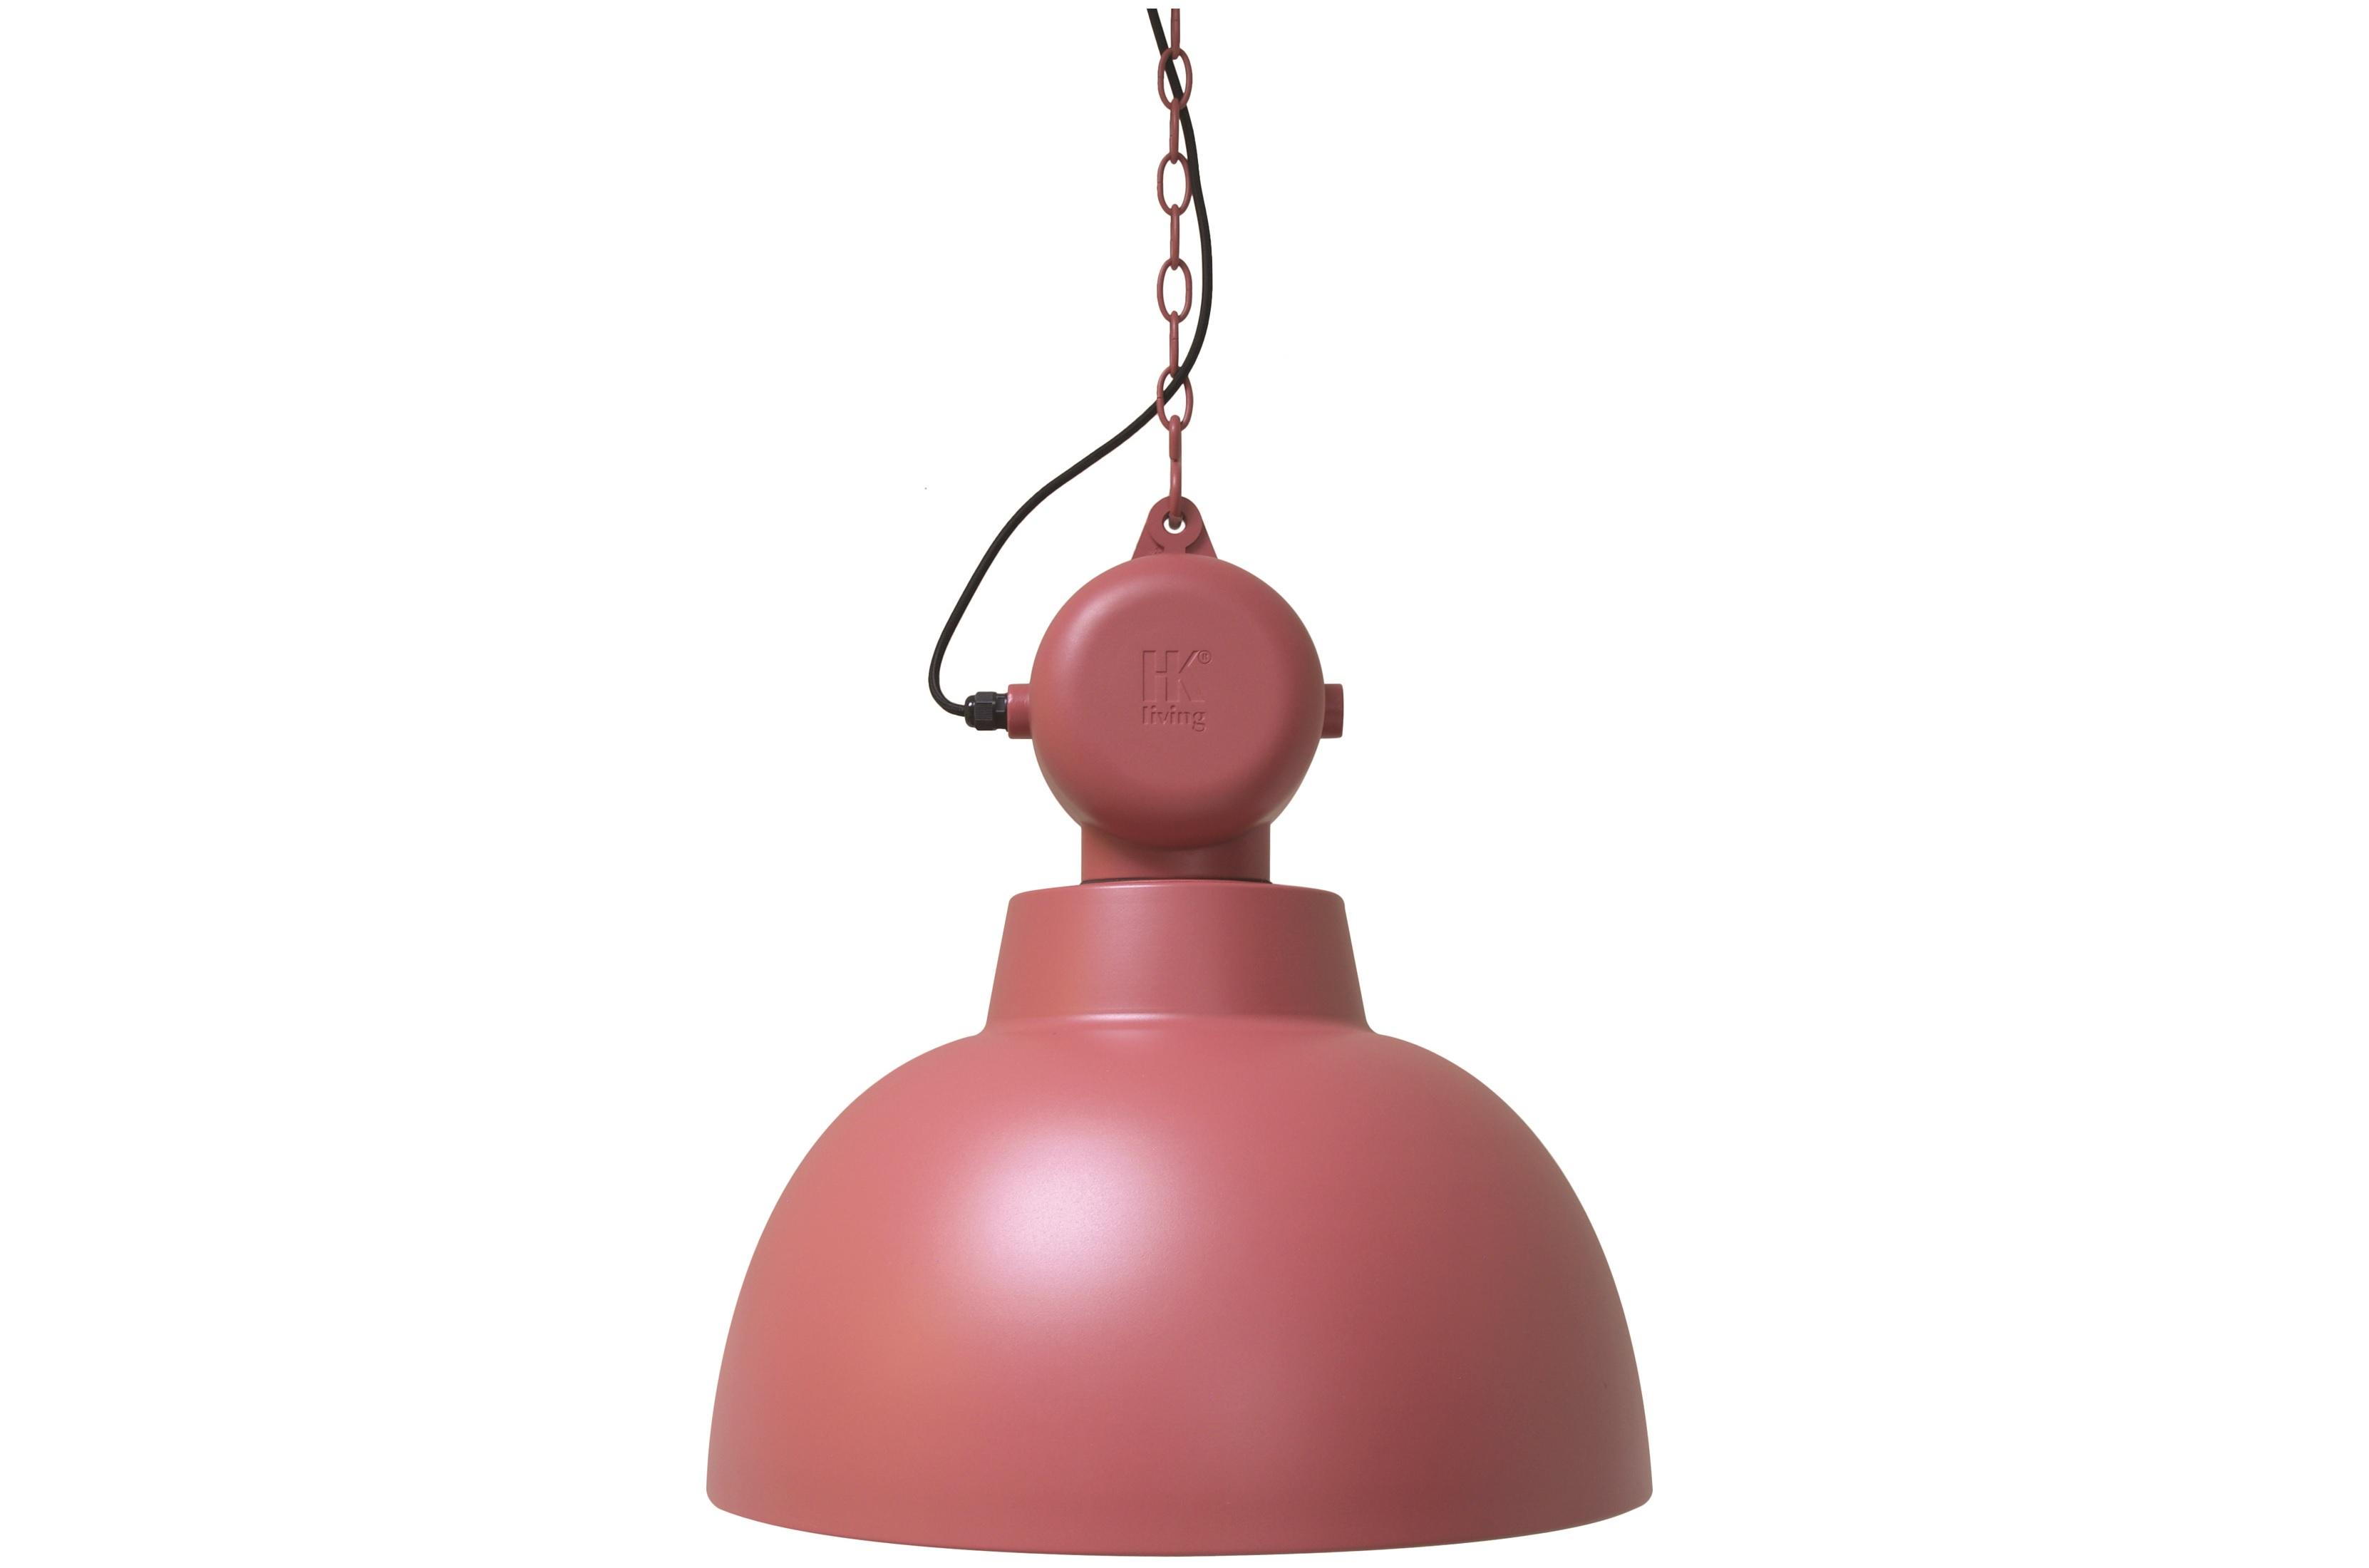 Лампа FACTORYПодвесные светильники<br>Индустриальный светильник в ярком исполнении. Модный цвет Марсала. Черный шнур + металлическая цепь длиной 2 м.&amp;lt;div&amp;gt;&amp;lt;br&amp;gt;&amp;lt;/div&amp;gt;&amp;lt;div&amp;gt;&amp;lt;div style=&amp;quot;line-height: 24.9999px;&amp;quot;&amp;gt;Вид цоколя: Е27&amp;lt;/div&amp;gt;&amp;lt;div style=&amp;quot;line-height: 24.9999px;&amp;quot;&amp;gt;Мощность: 60W&amp;lt;/div&amp;gt;&amp;lt;div style=&amp;quot;line-height: 24.9999px;&amp;quot;&amp;gt;Количество ламп: 1&amp;lt;/div&amp;gt;&amp;lt;/div&amp;gt;<br><br>Material: Металл<br>Высота см: 55